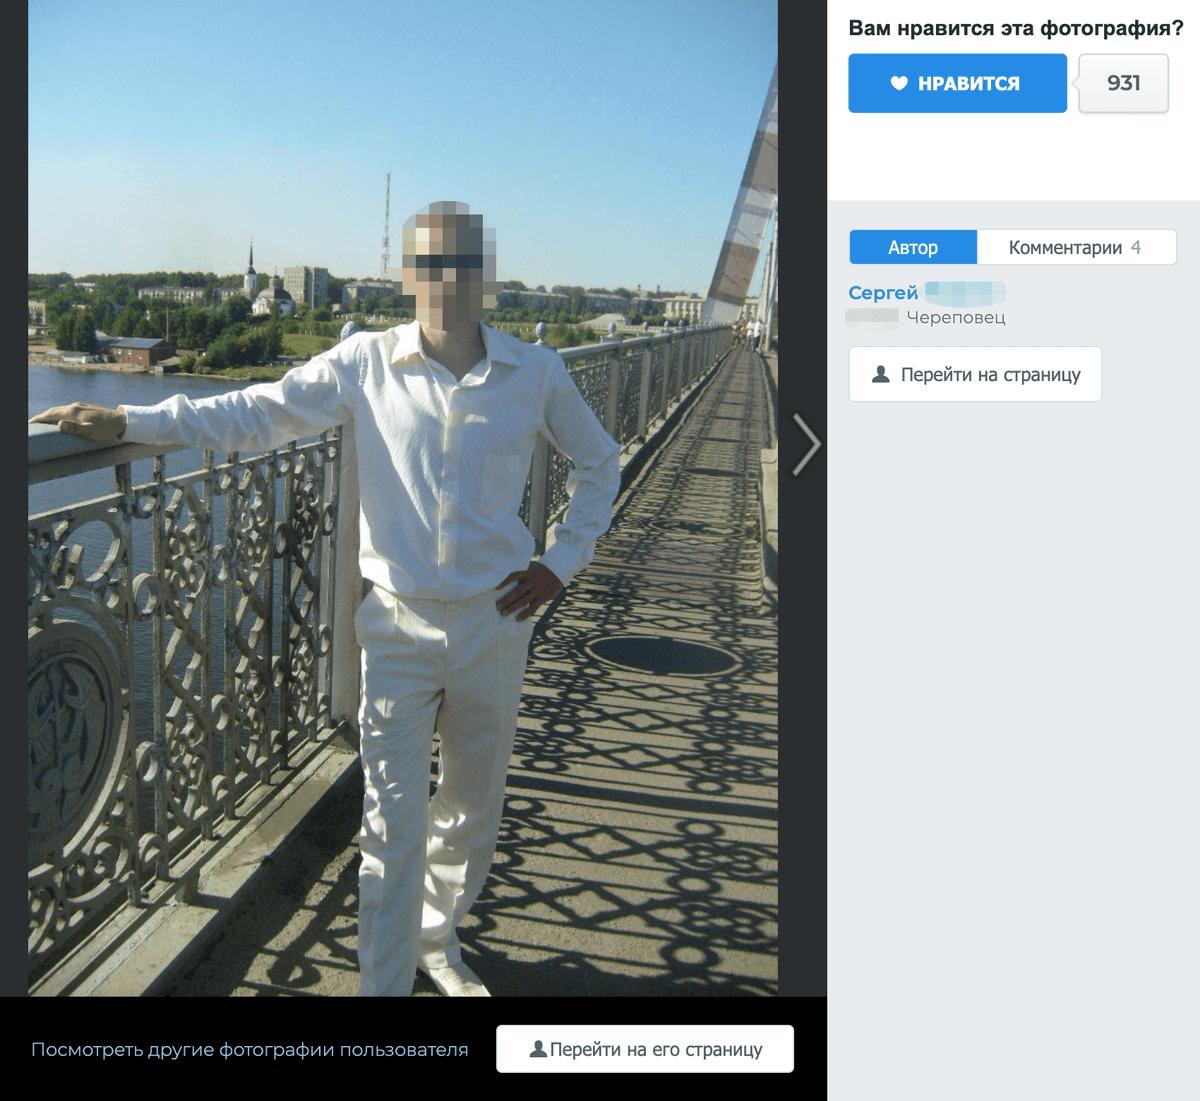 Фотография взята из «Фотостраны», и на ней — Сергей из Череповца